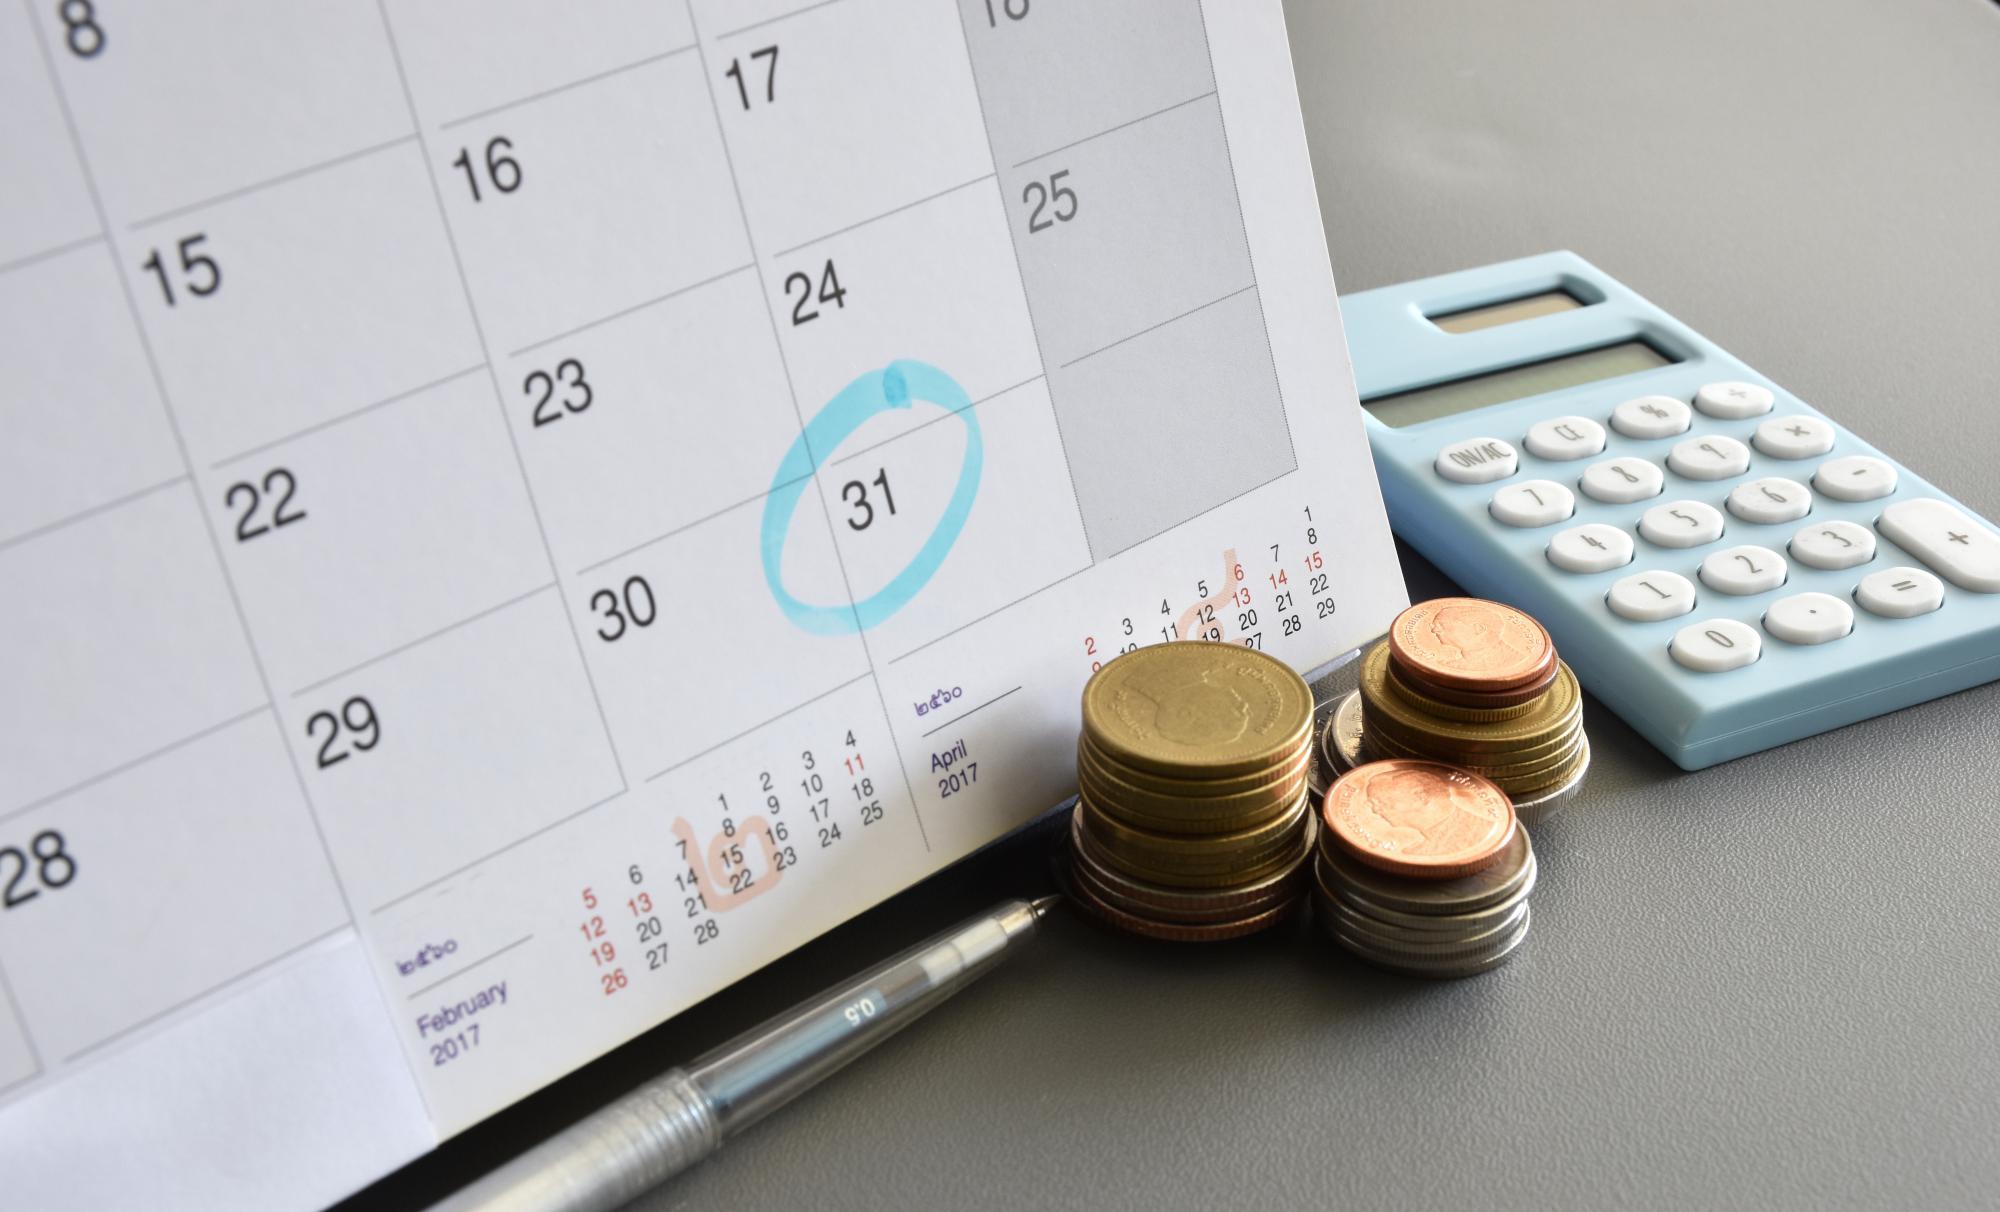 Перу продлевает сроки переноса убытков и уплаты налогов